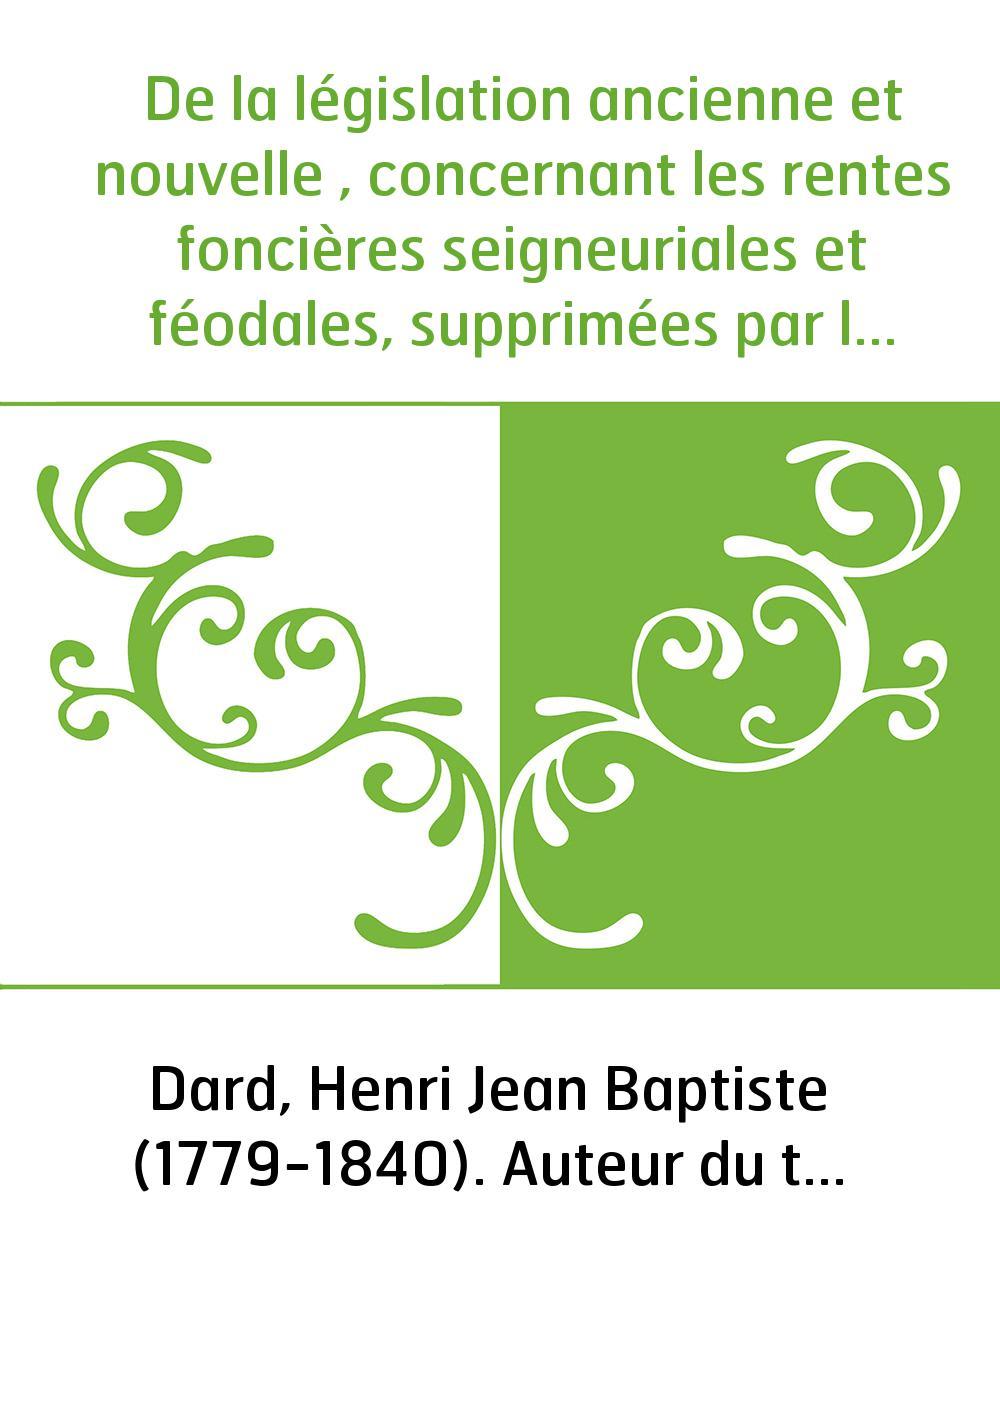 De la législation ancienne et nouvelle , concernant les rentes foncières seigneuriales et féodales, supprimées par le décret du